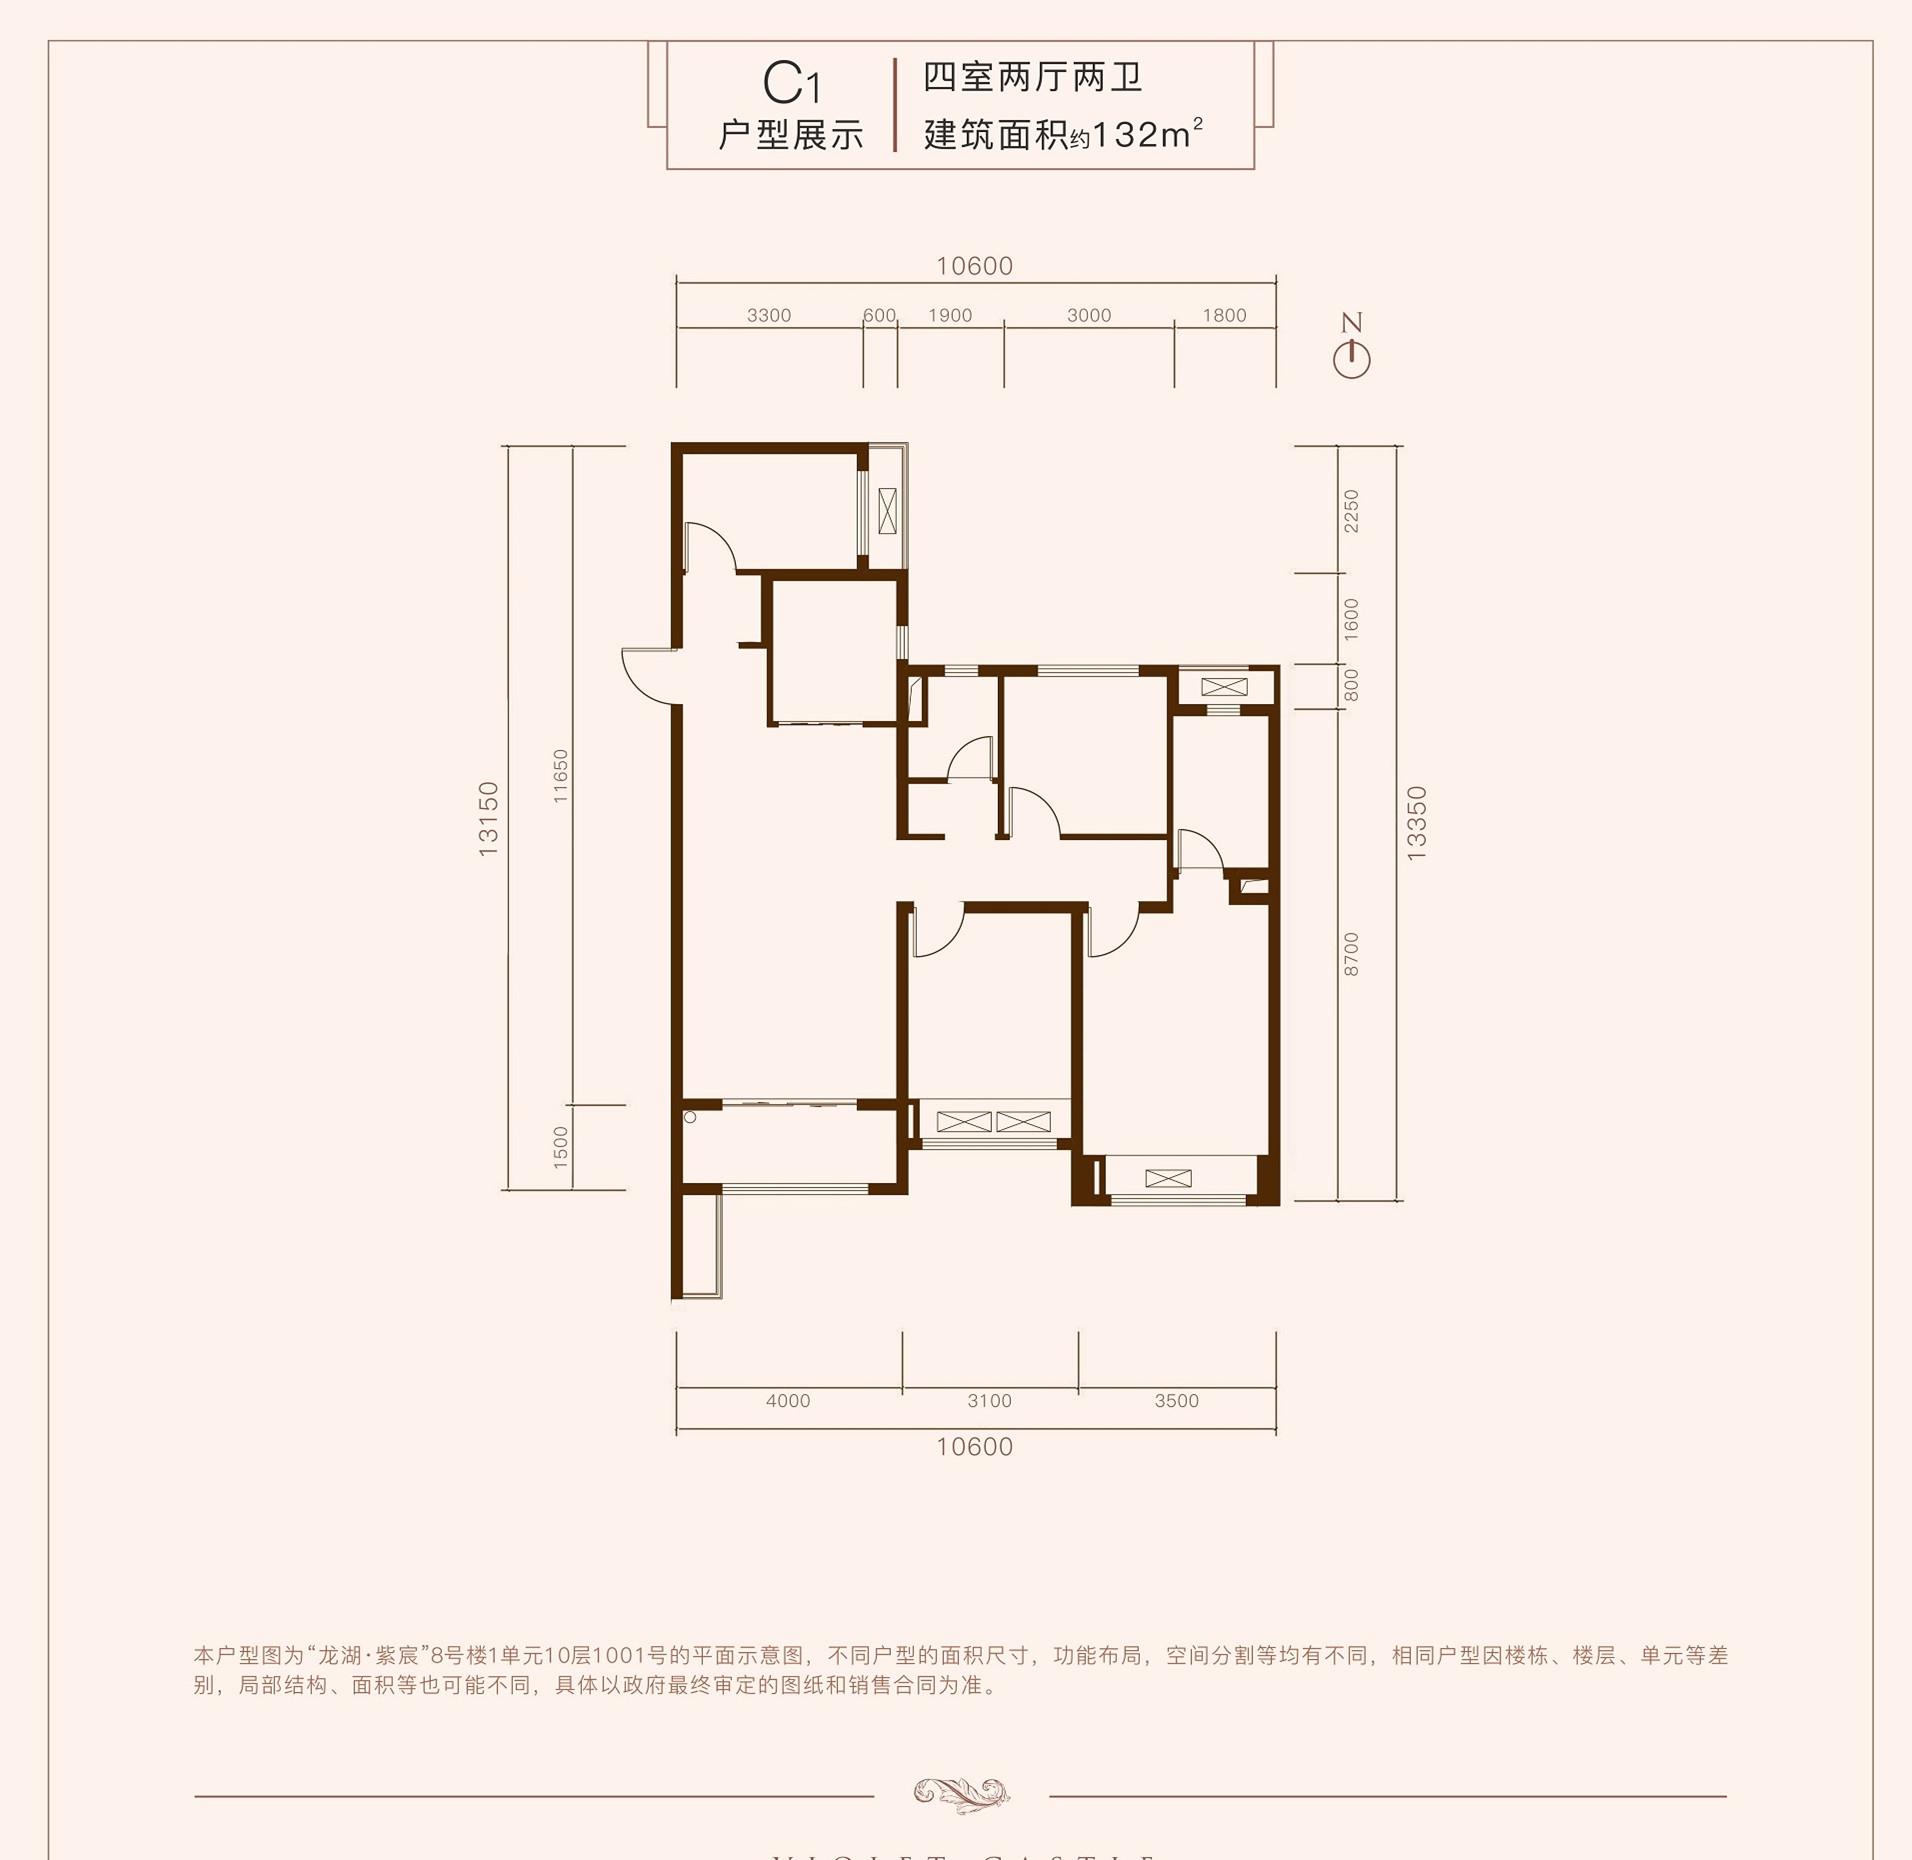 龙湖紫宸132㎡四室两厅两卫C1户型图